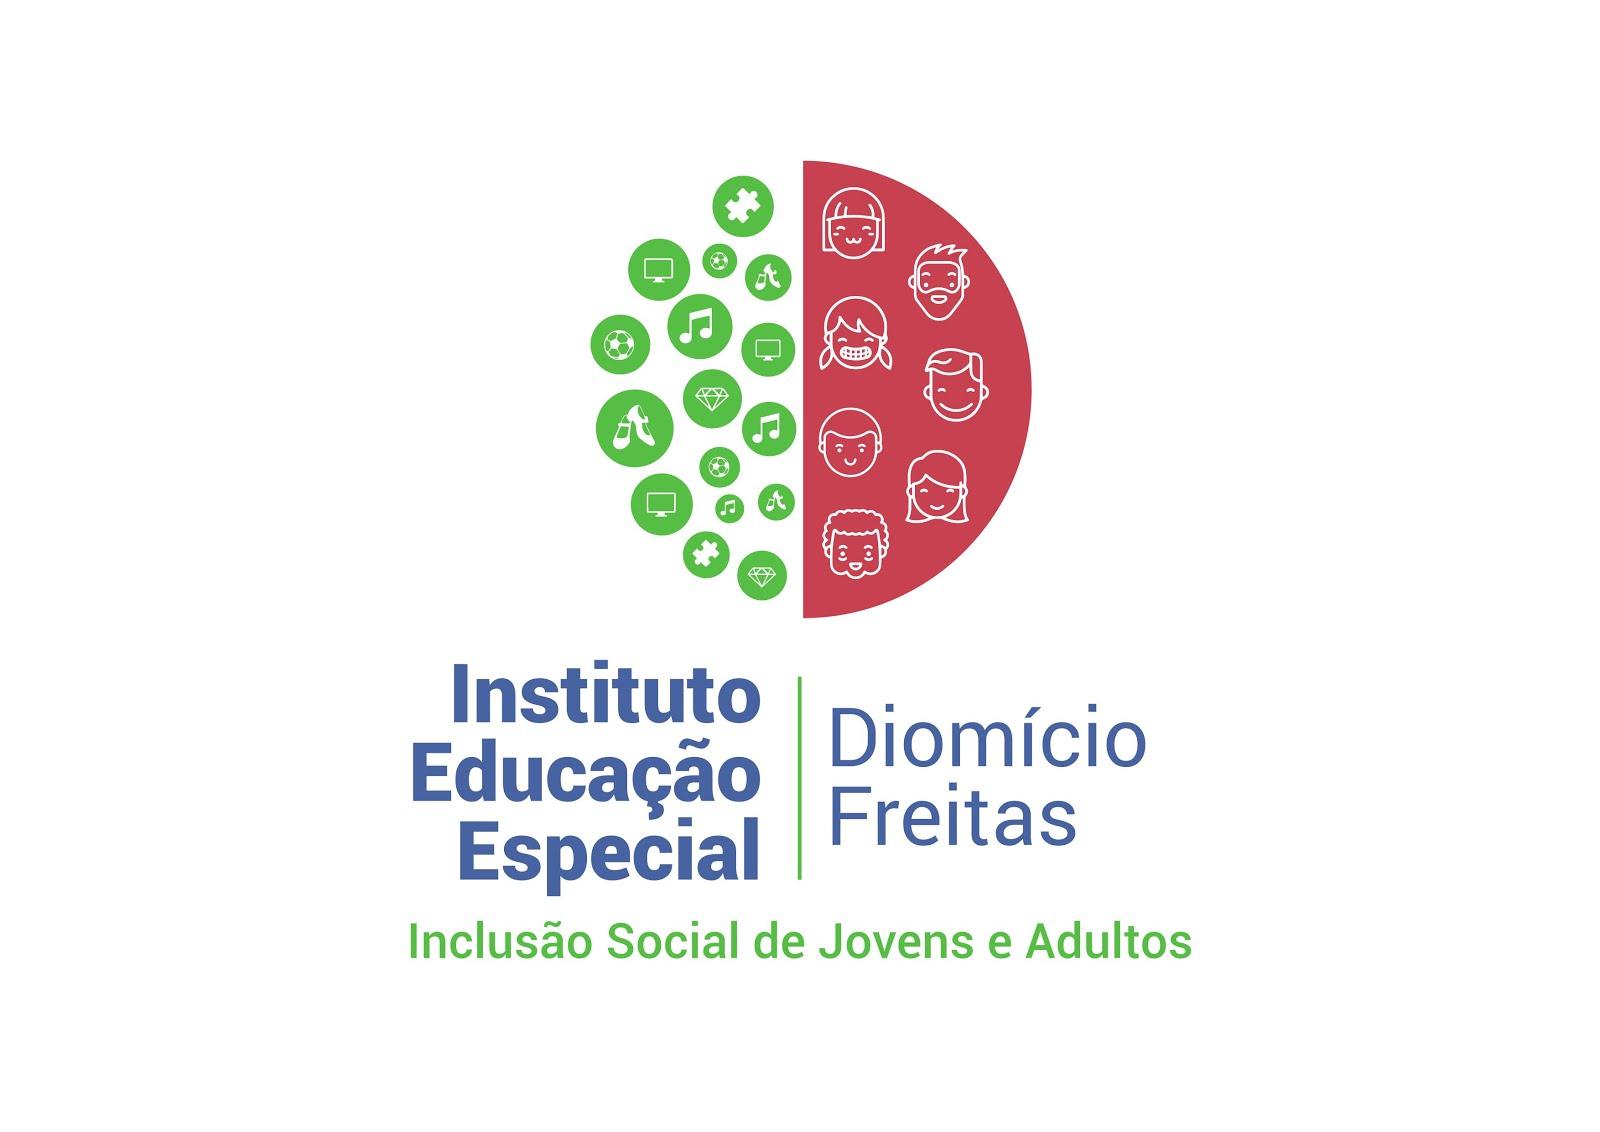 I.E.E. Diomício Freitas